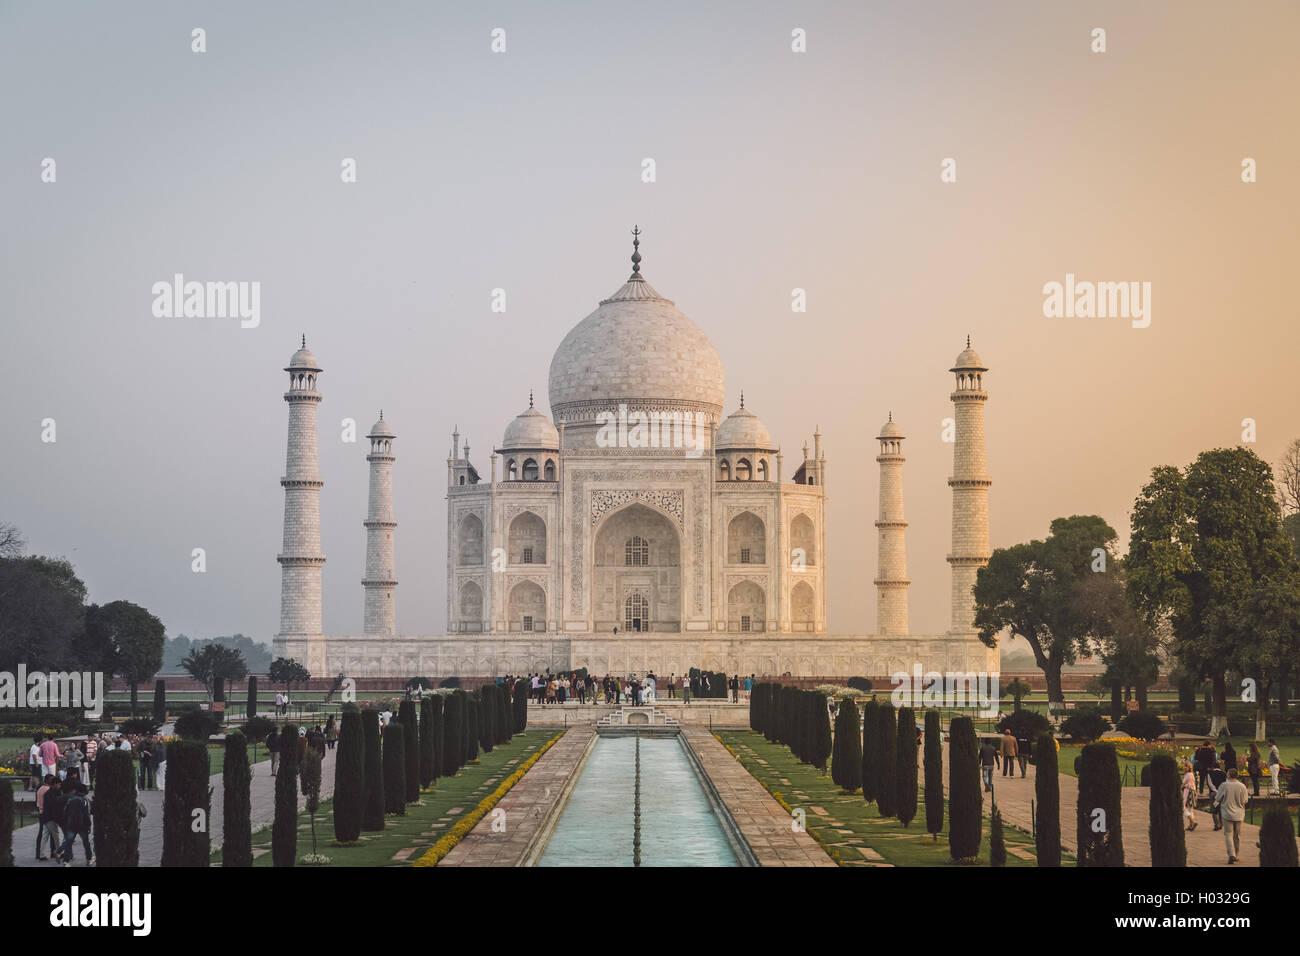 AGRA, India - 28 febbraio 2015: vista del Taj Mahal di fronte al grande cancello. Lato sud. Post-elaborati con grano, Immagini Stock